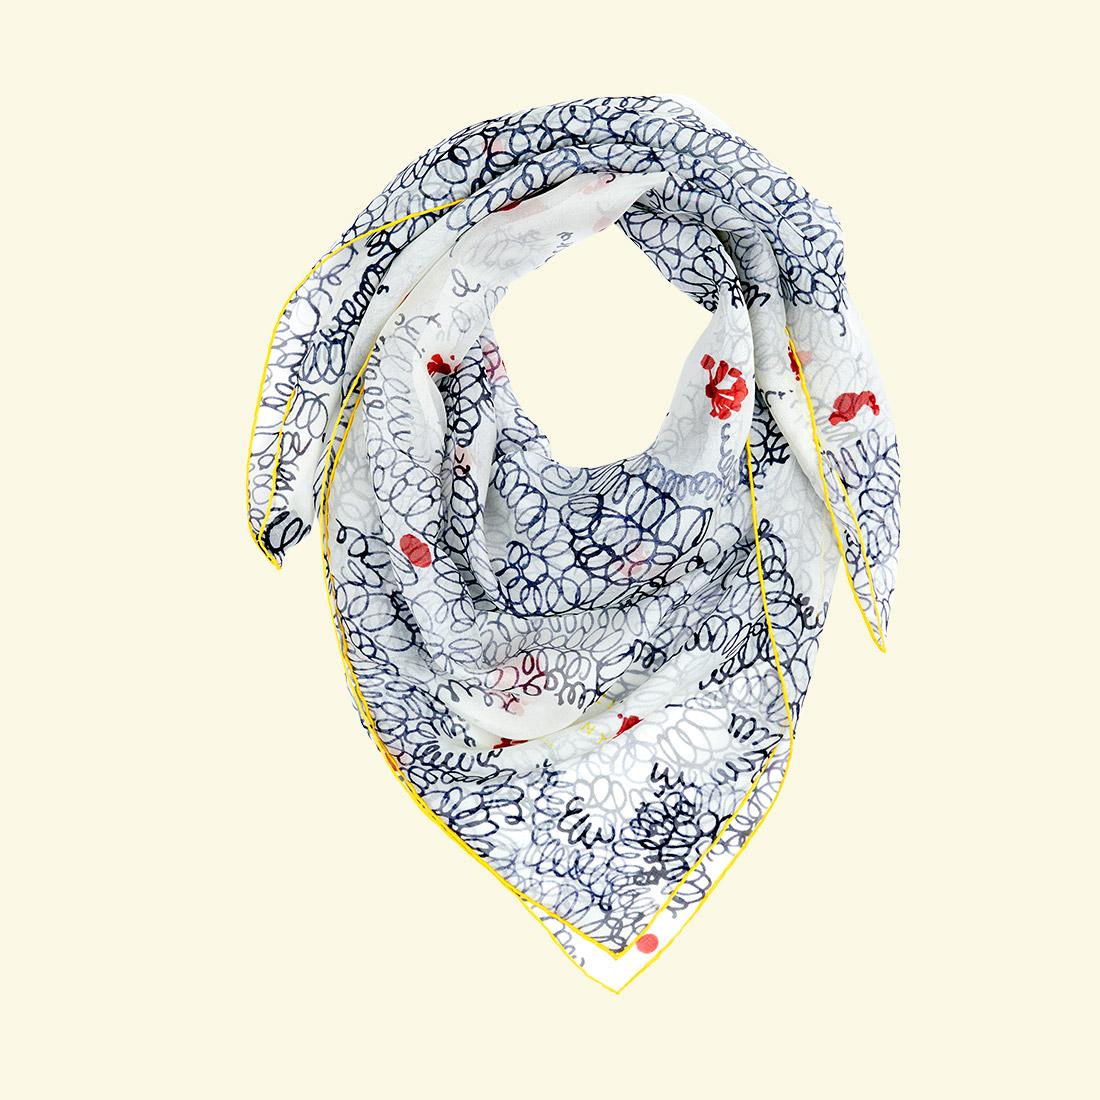 zina deplagny-carré-foulard-mousseline-soie